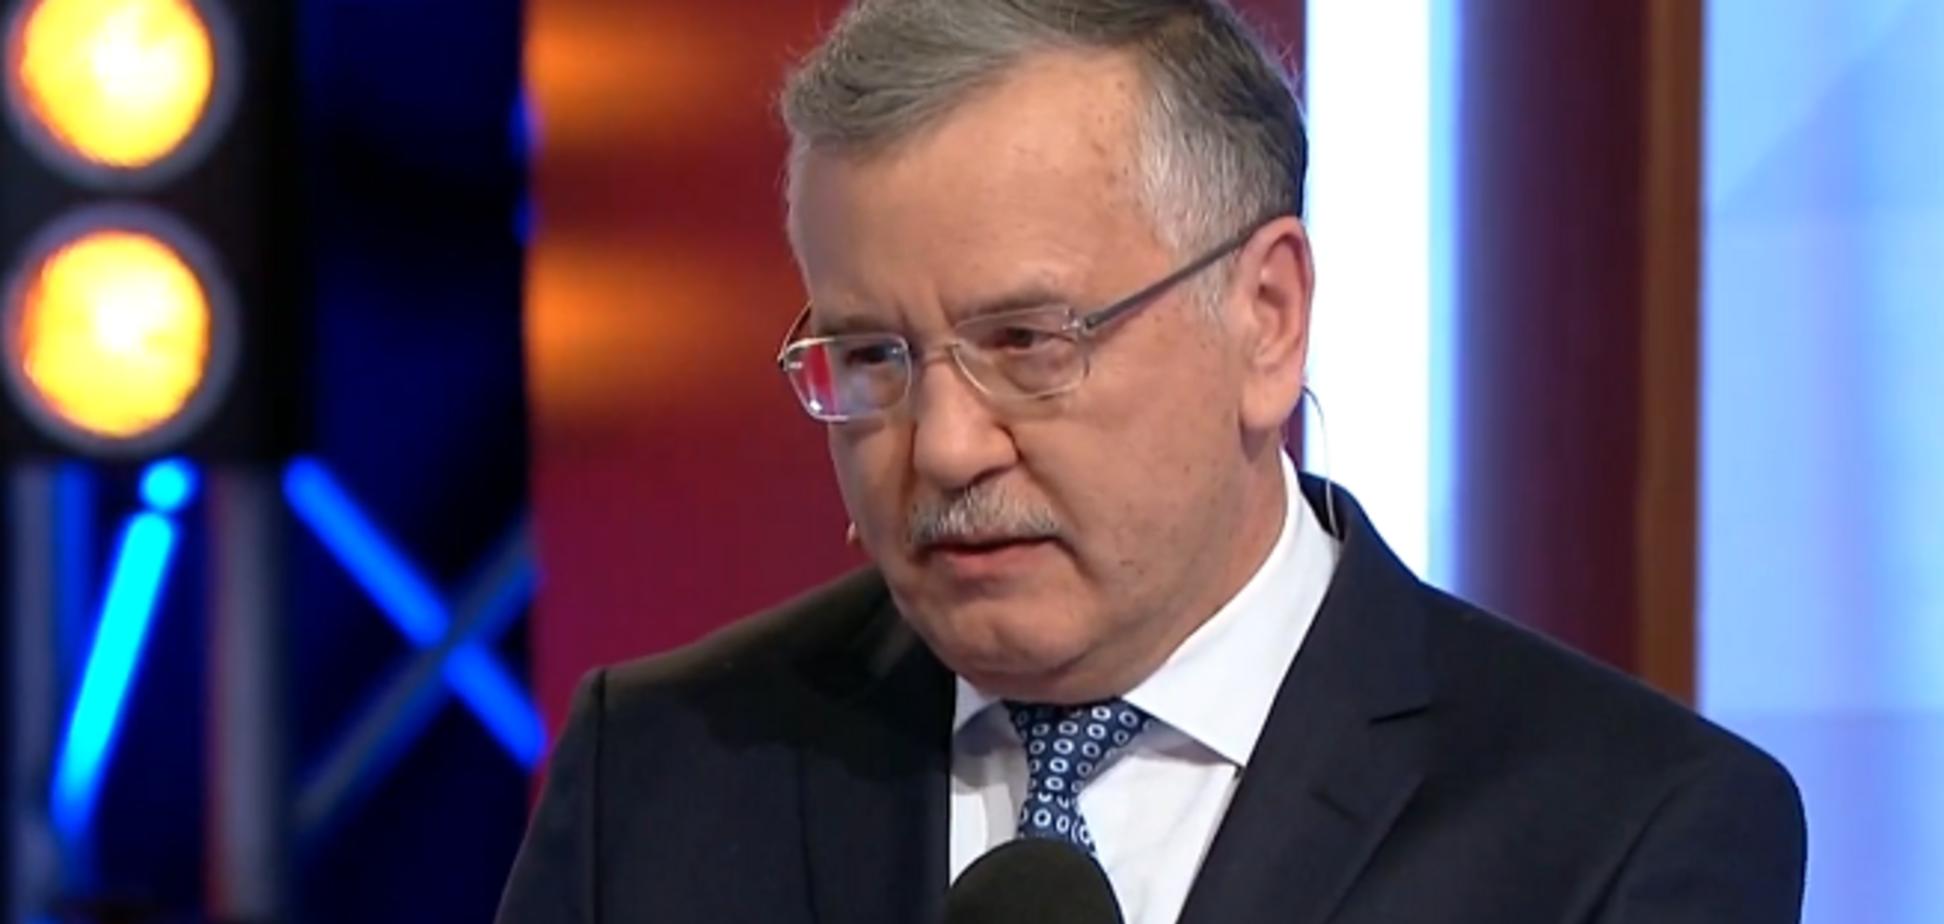 Гриценко дал ответ по передаче голосов Зеленскому и Тимошенко